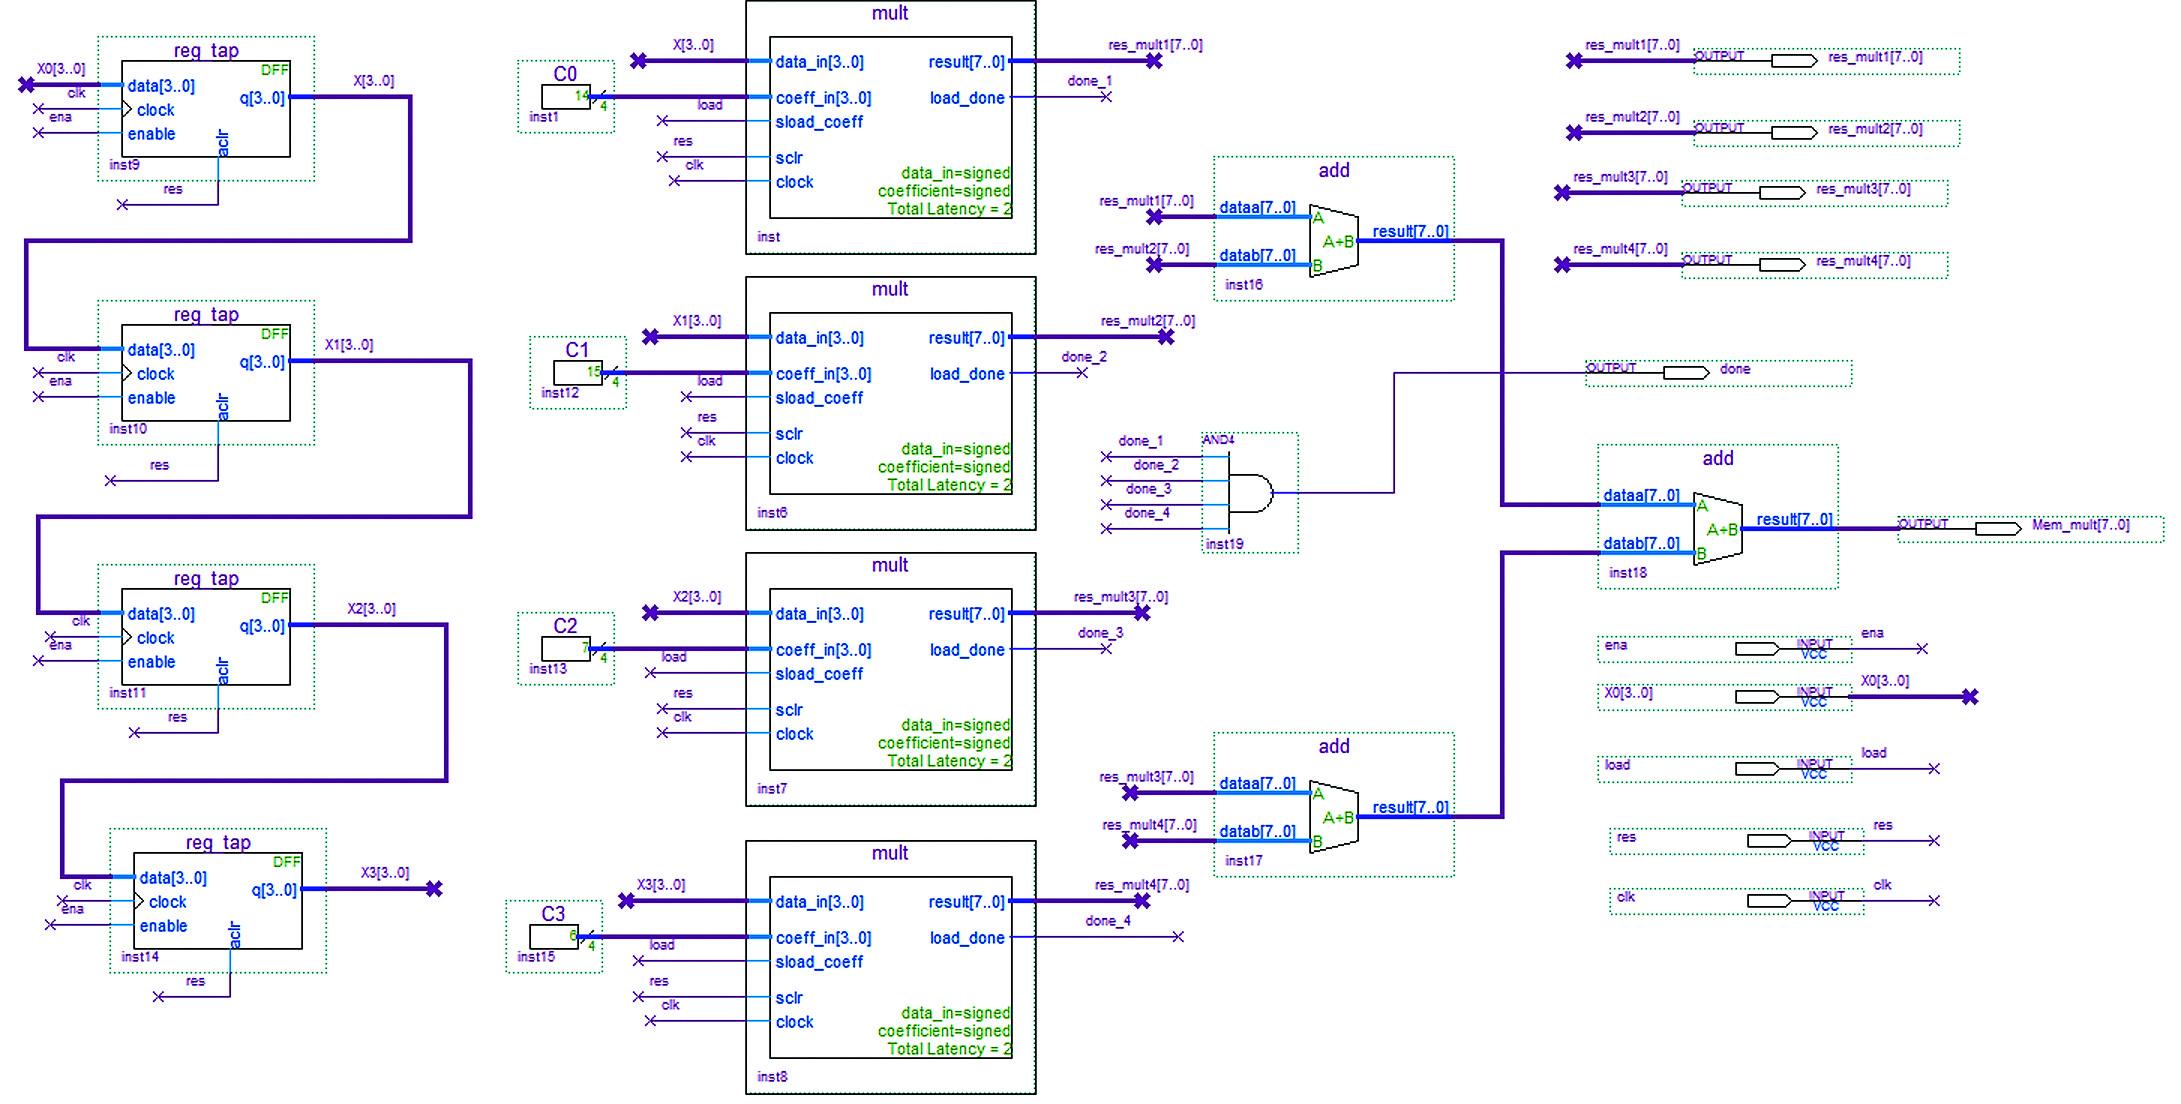 КИХ-фильтр на четыре отвода с использованием мегафункции ALTMEMMULT